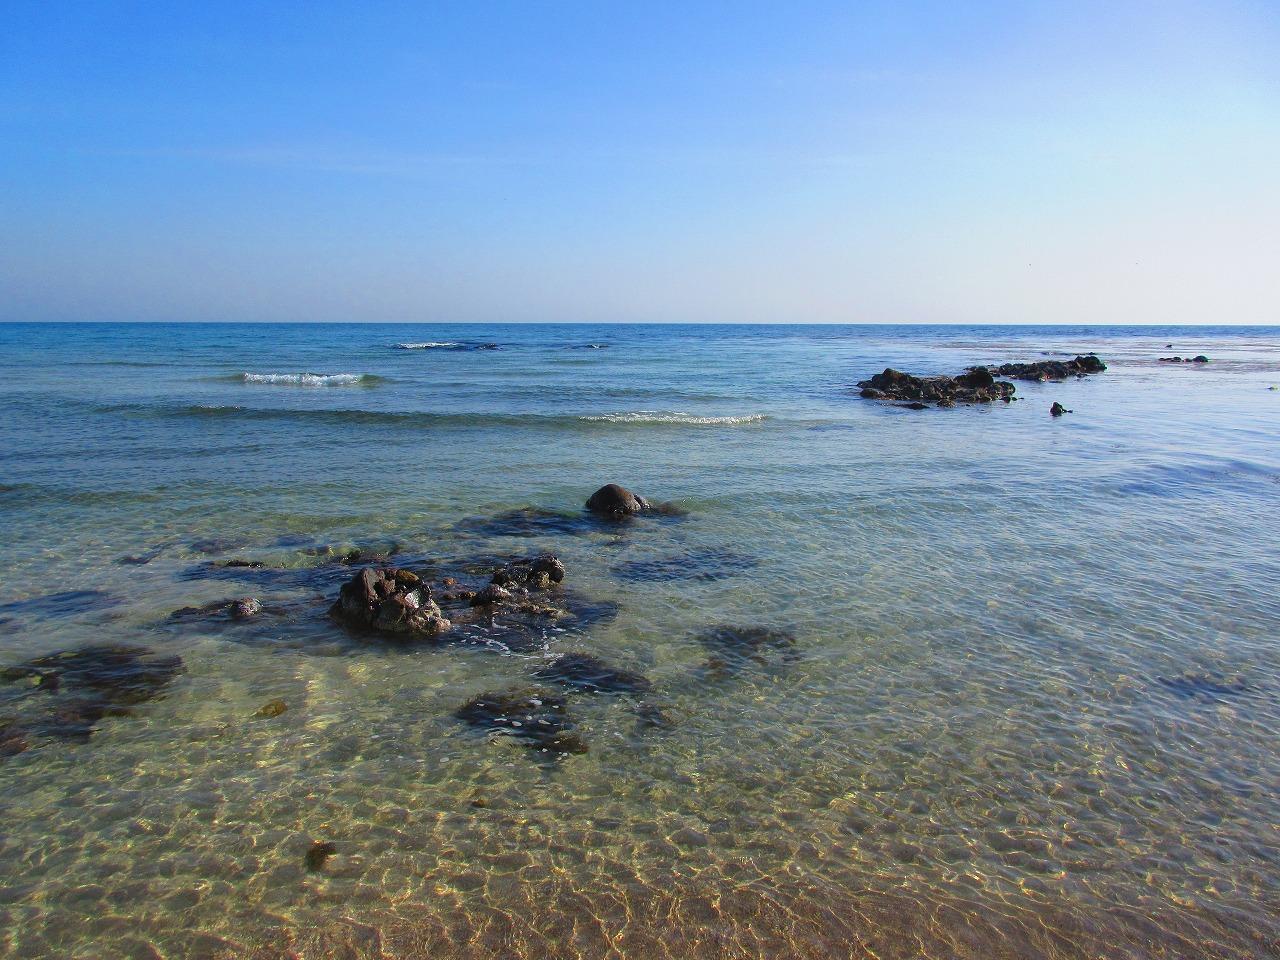 北陸のハワイ水島には負けない!海好きにお勧め奥能登の海